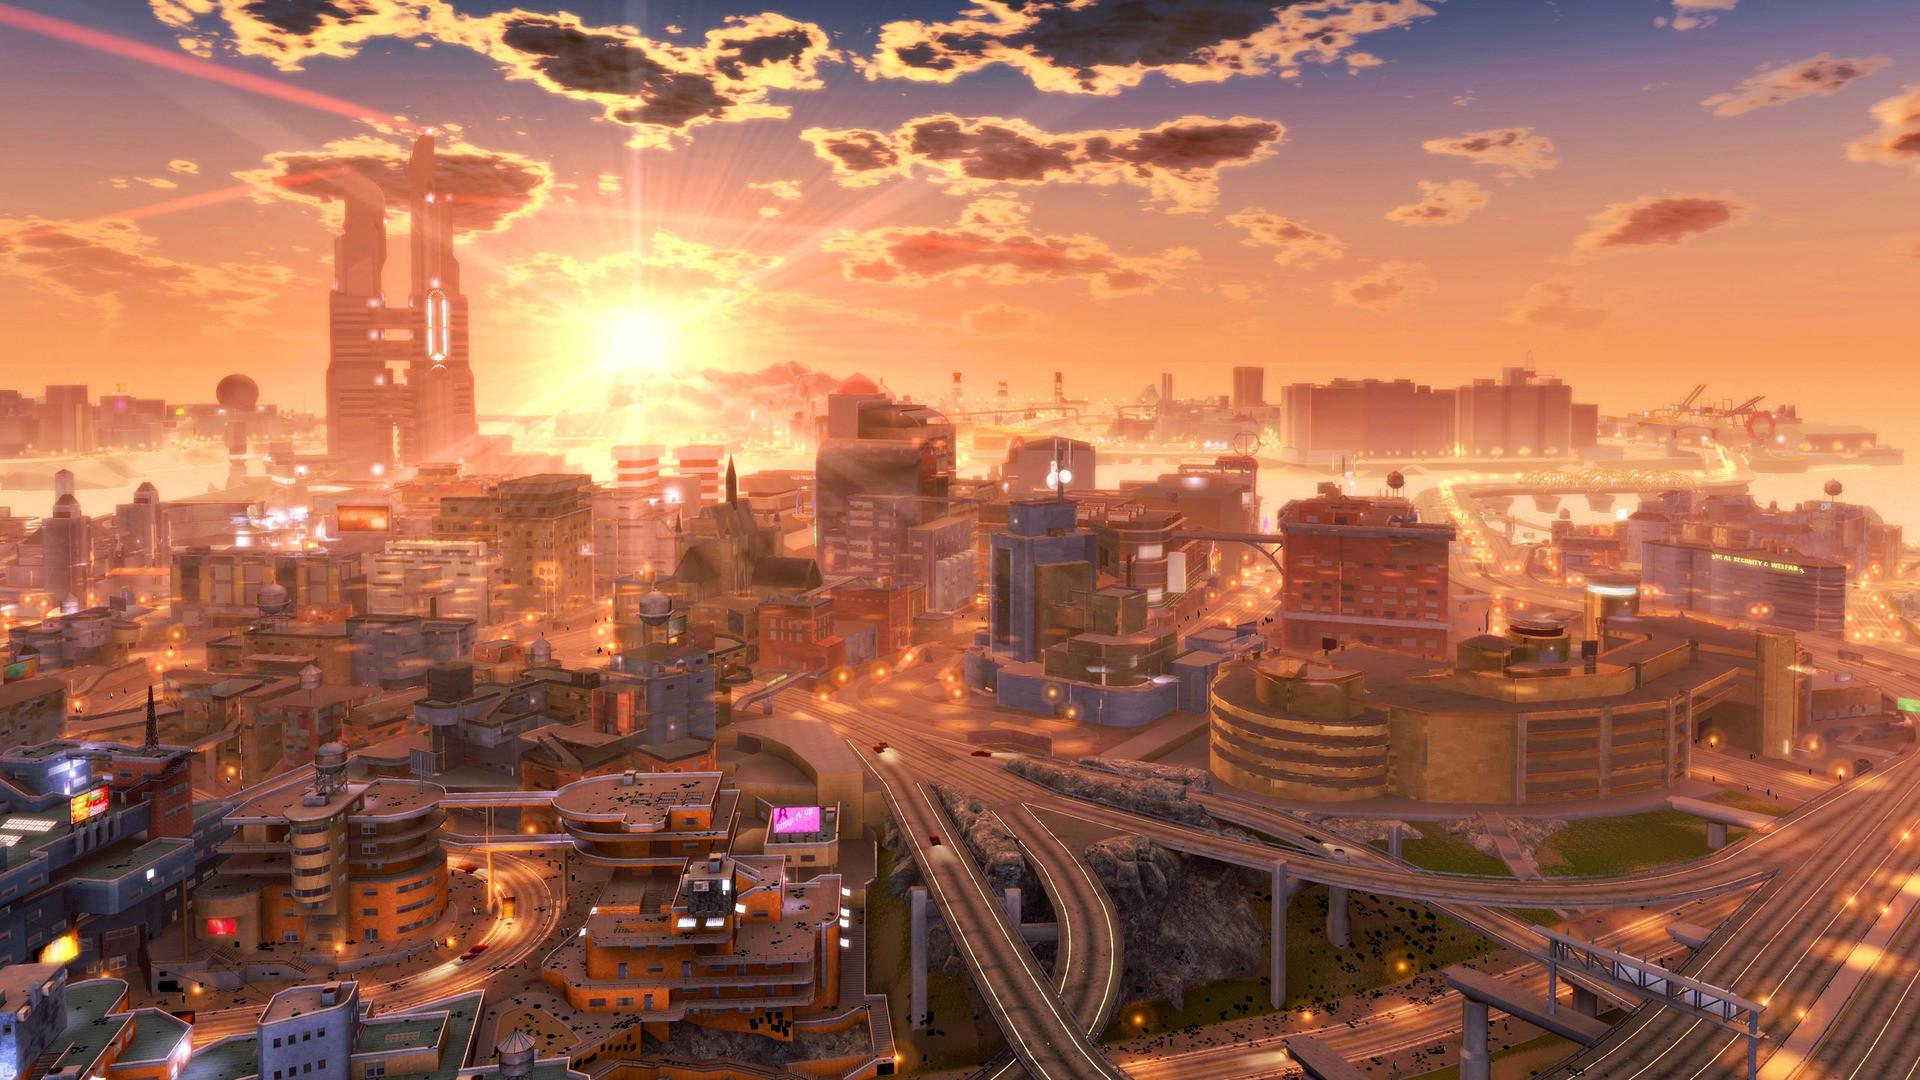 1920x1080 Digital Art Spaceship Cityscape Futuristic City Wallpaper